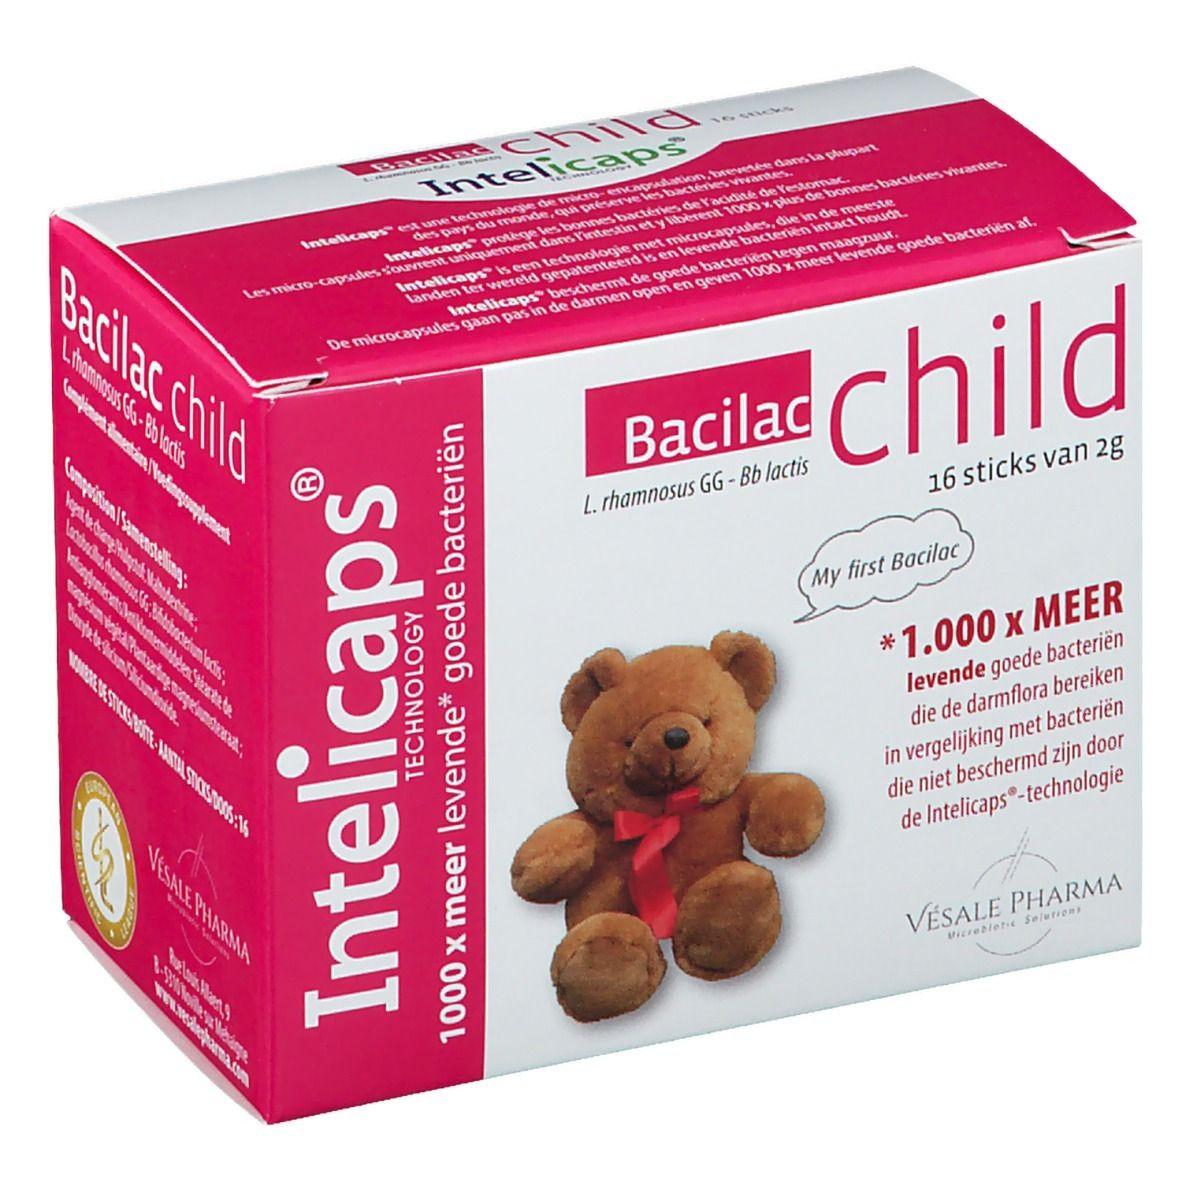 Image of Bacilac Child